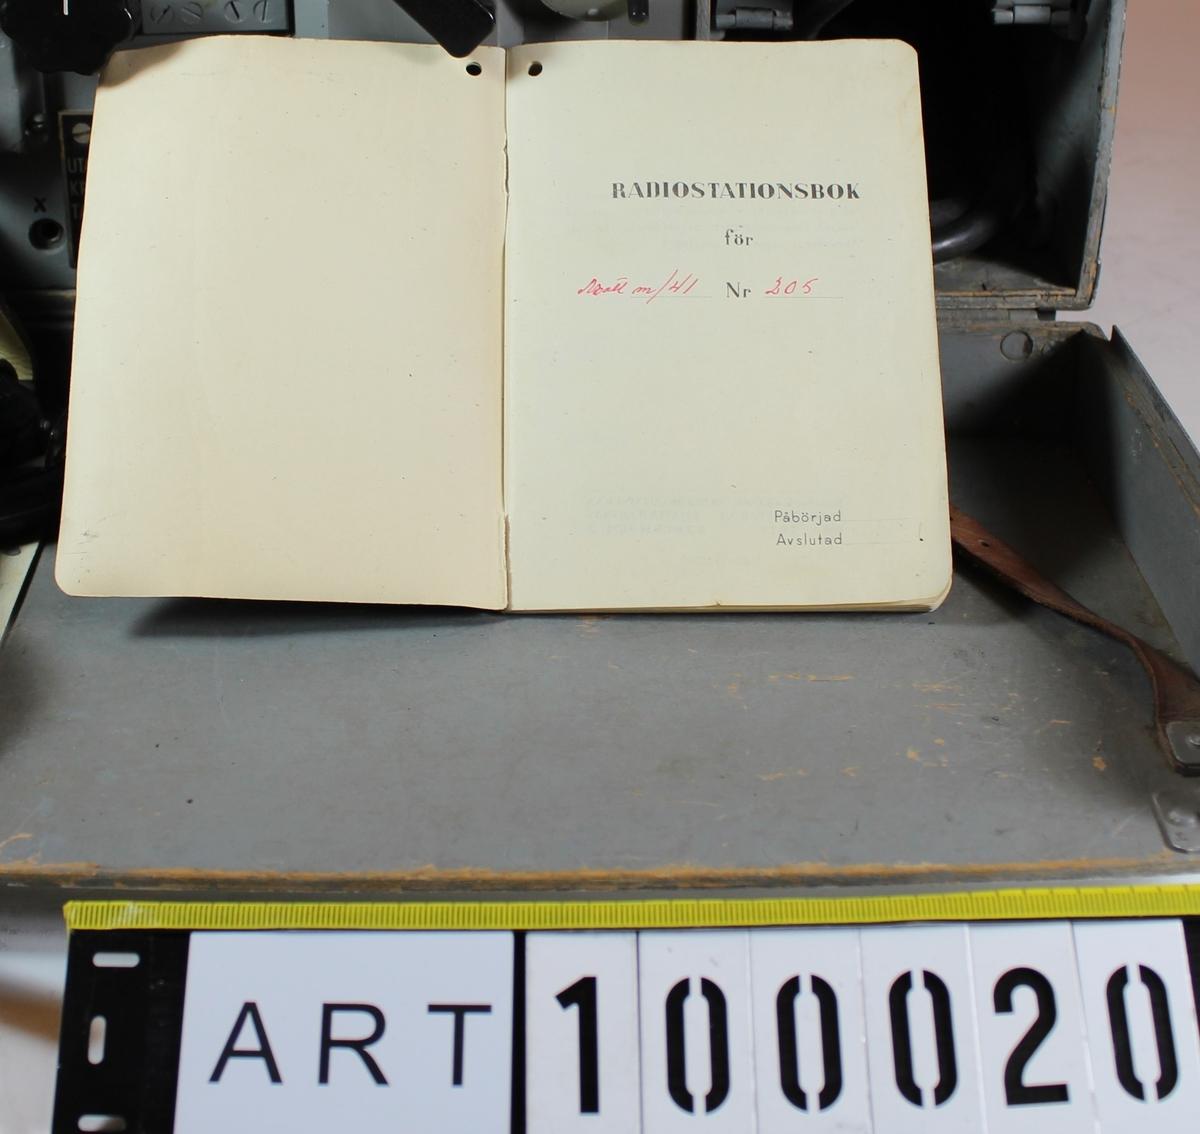 Fritext beskrivning av objekt hämtas ur instr-bok motsv.